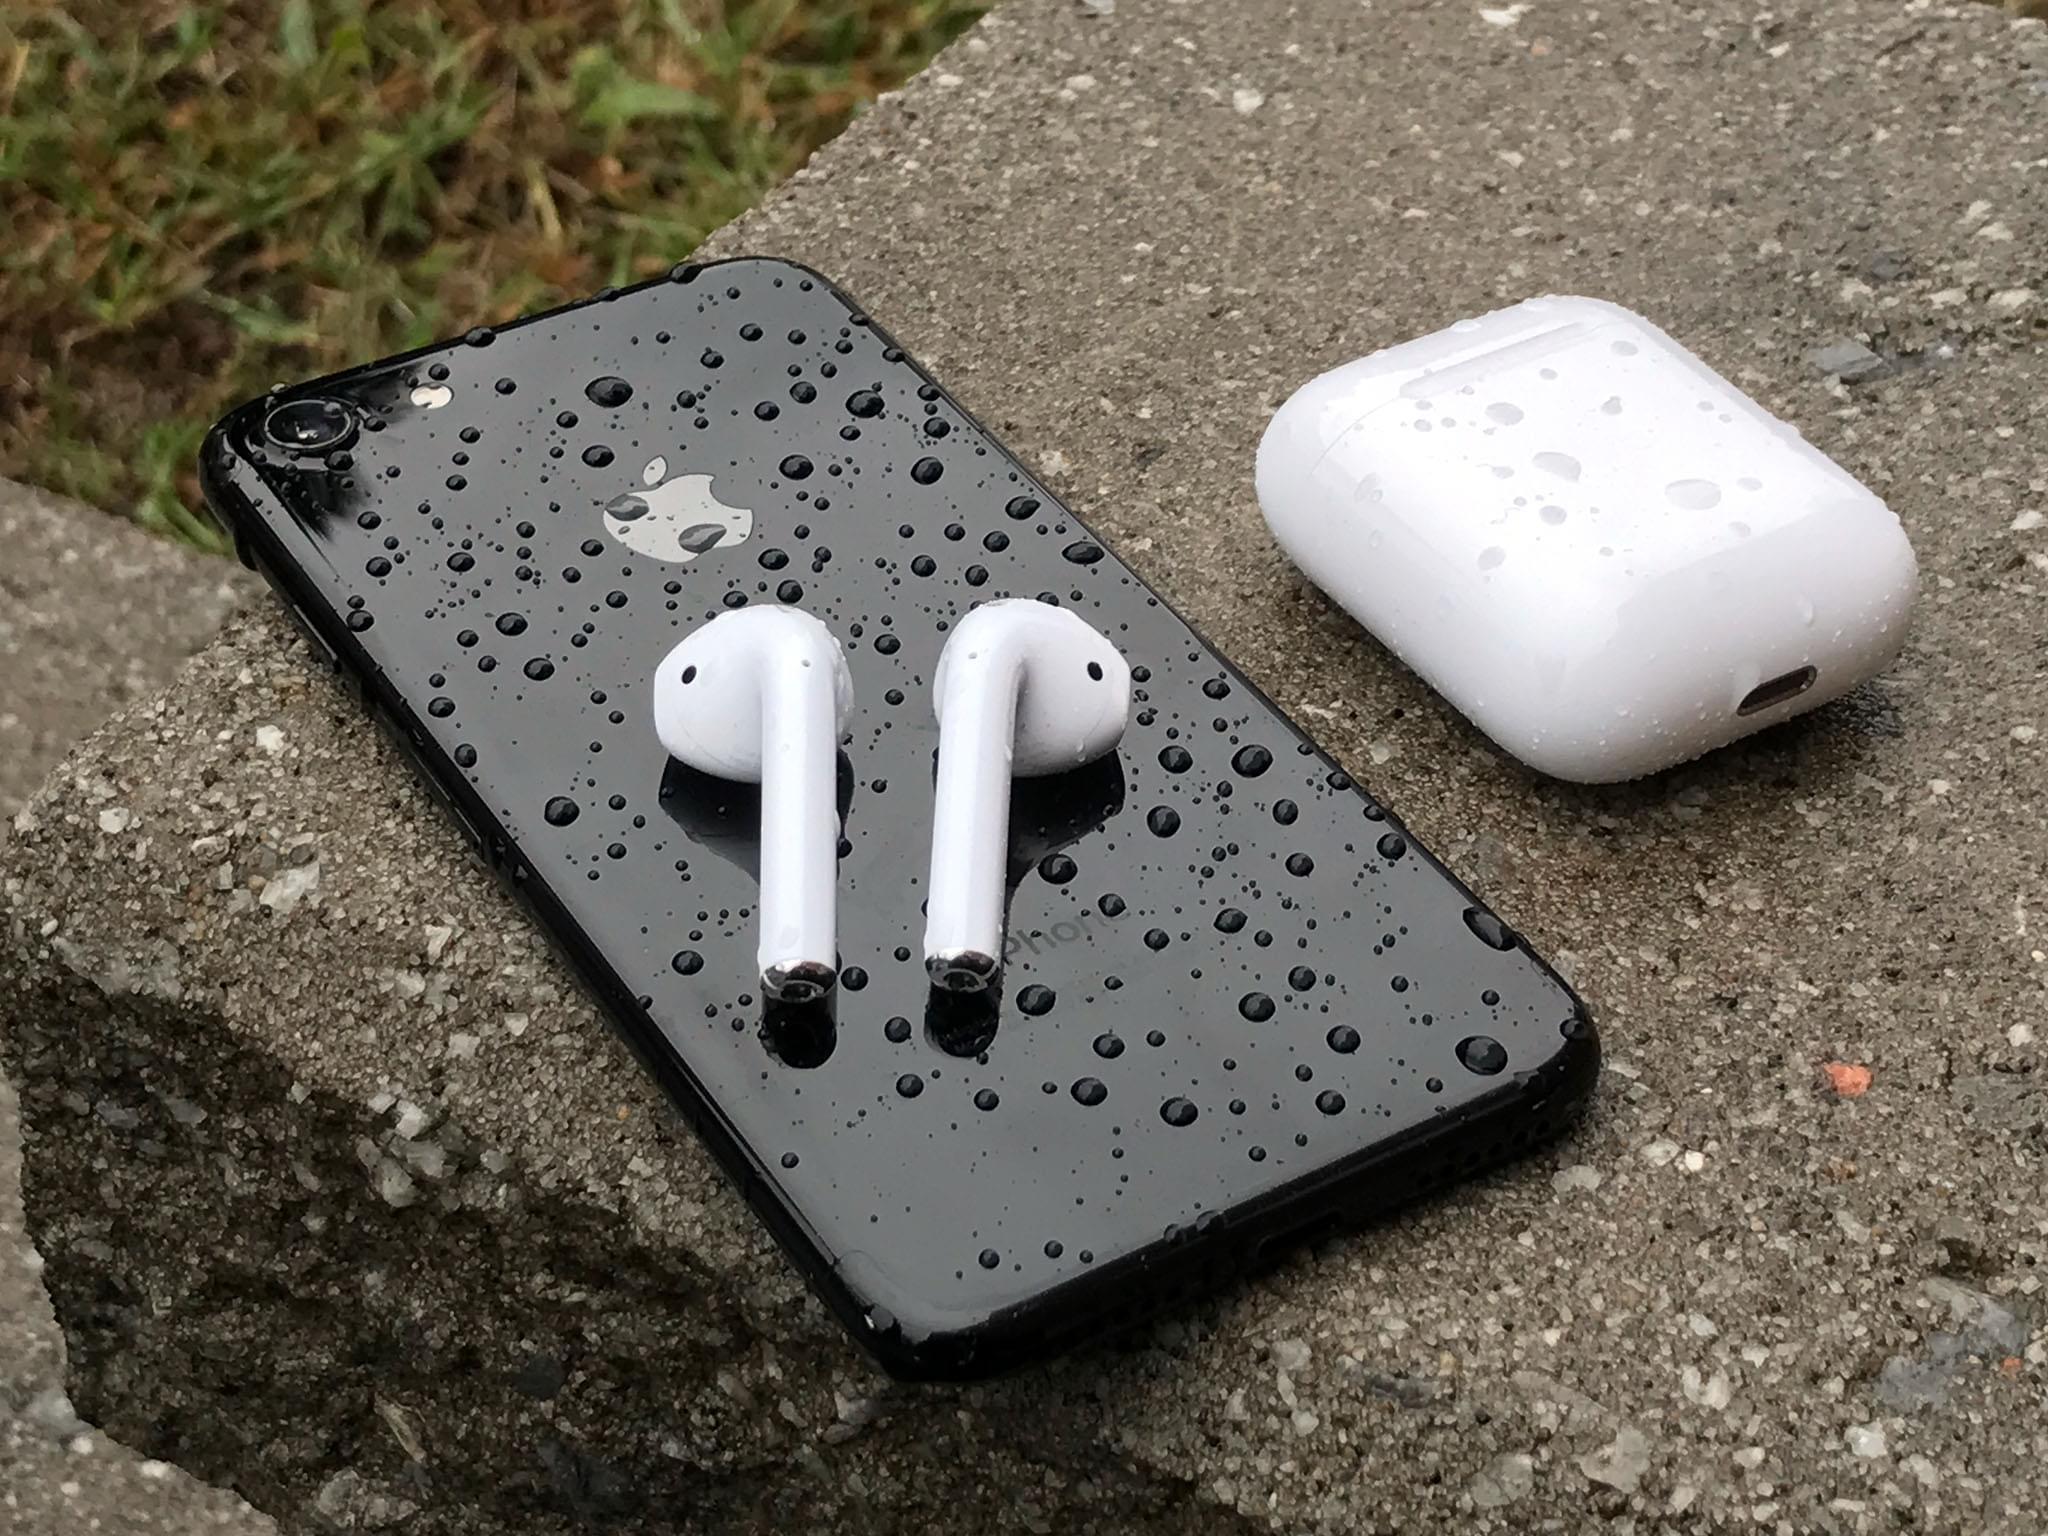 苹果iOS11新功能:可单独设置AirPods左右耳